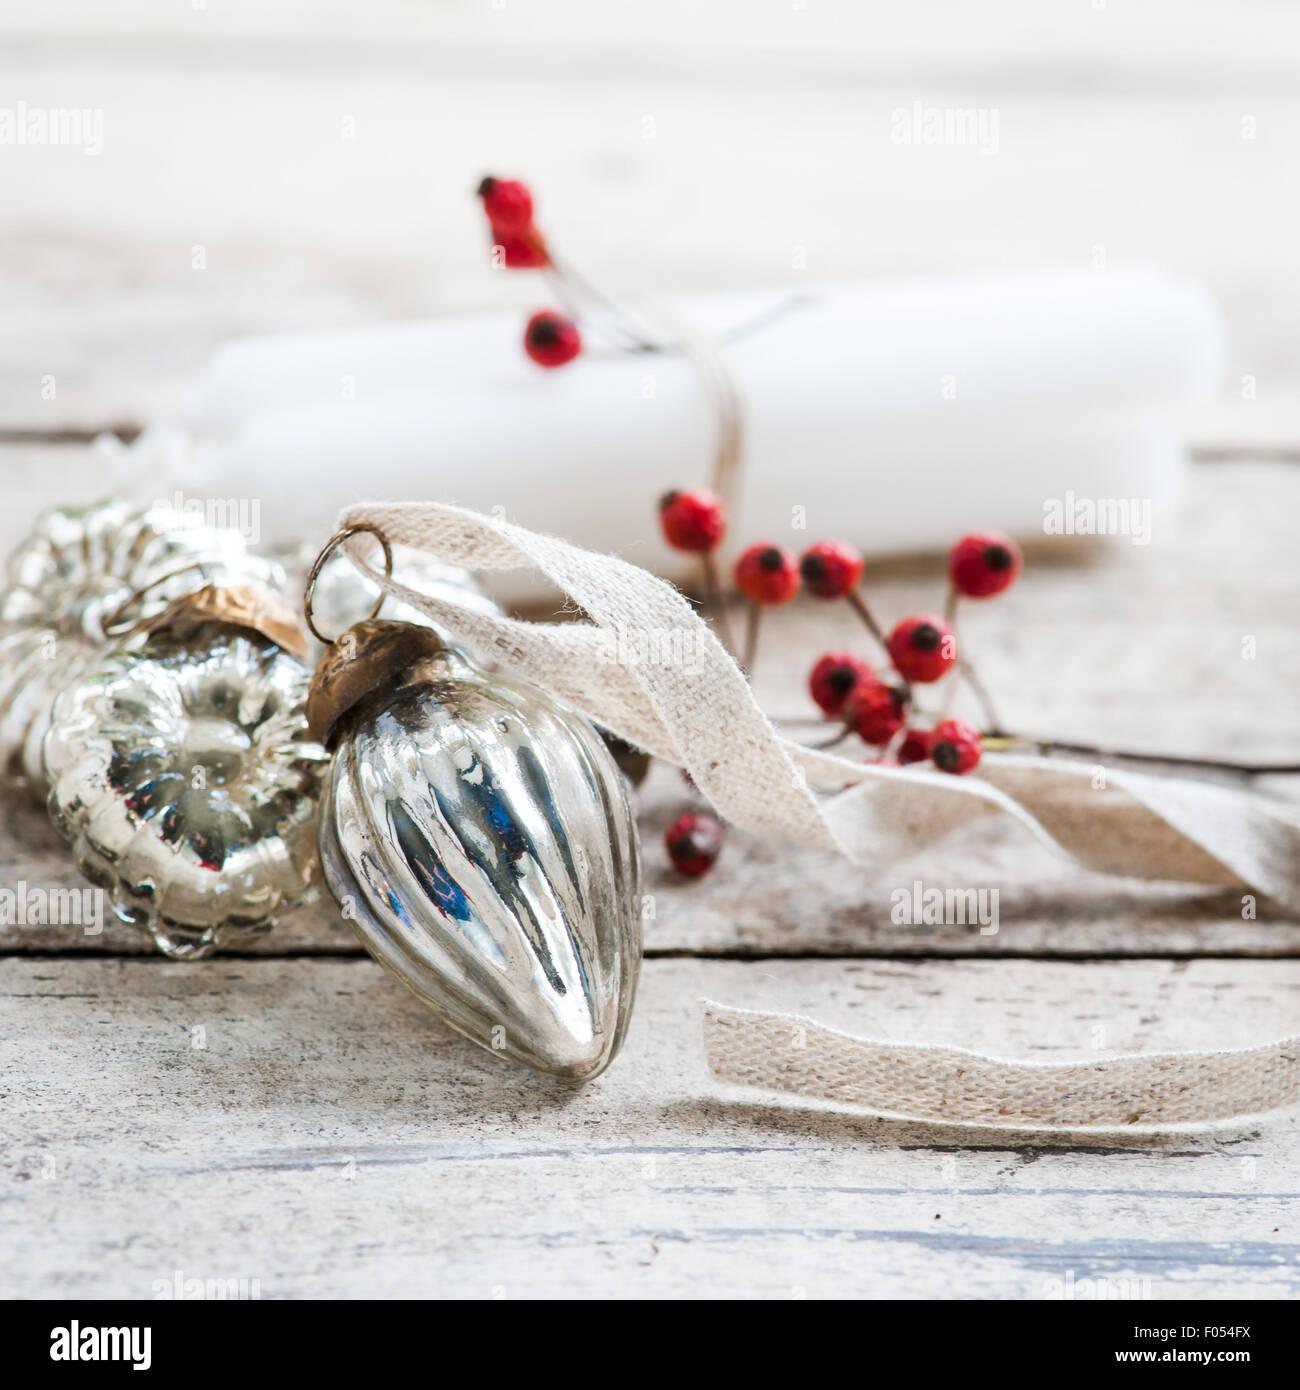 Les bougies blanches attachées avec de la ficelle, fruits rouges et argent baubles Photo Stock